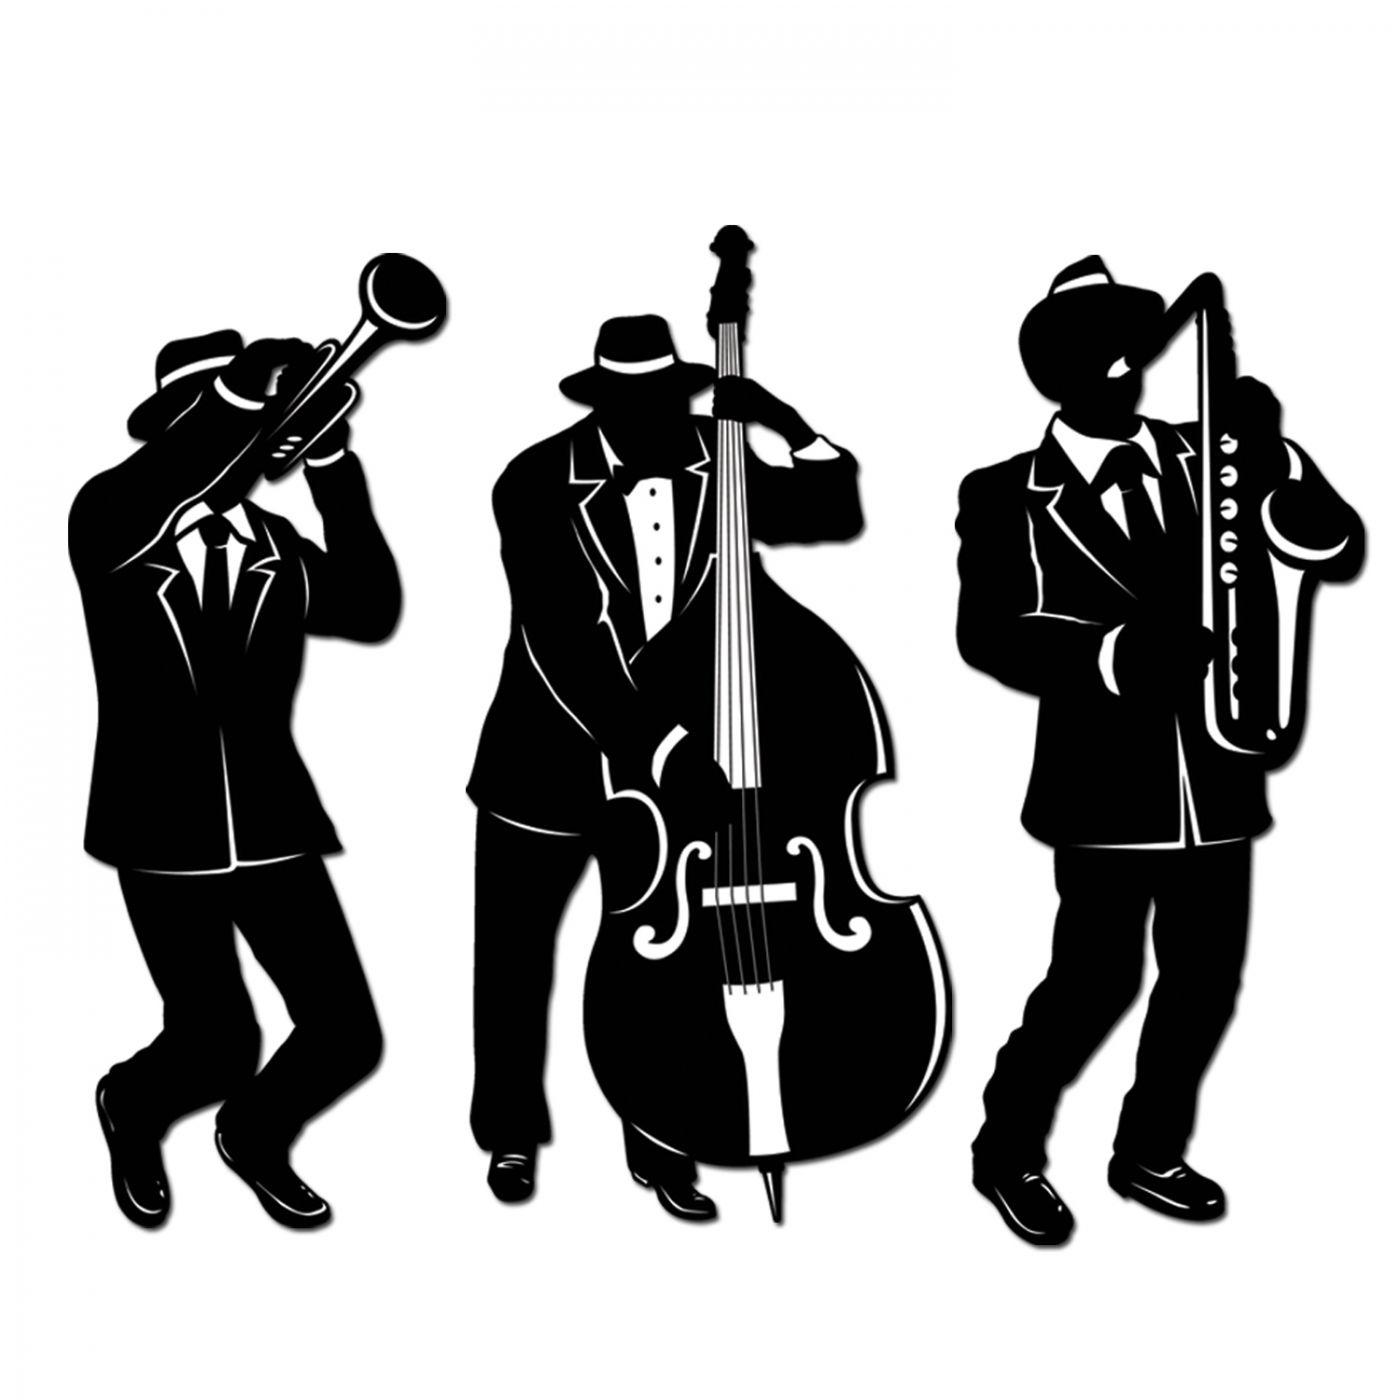 Jazz Trio Silhouettes image